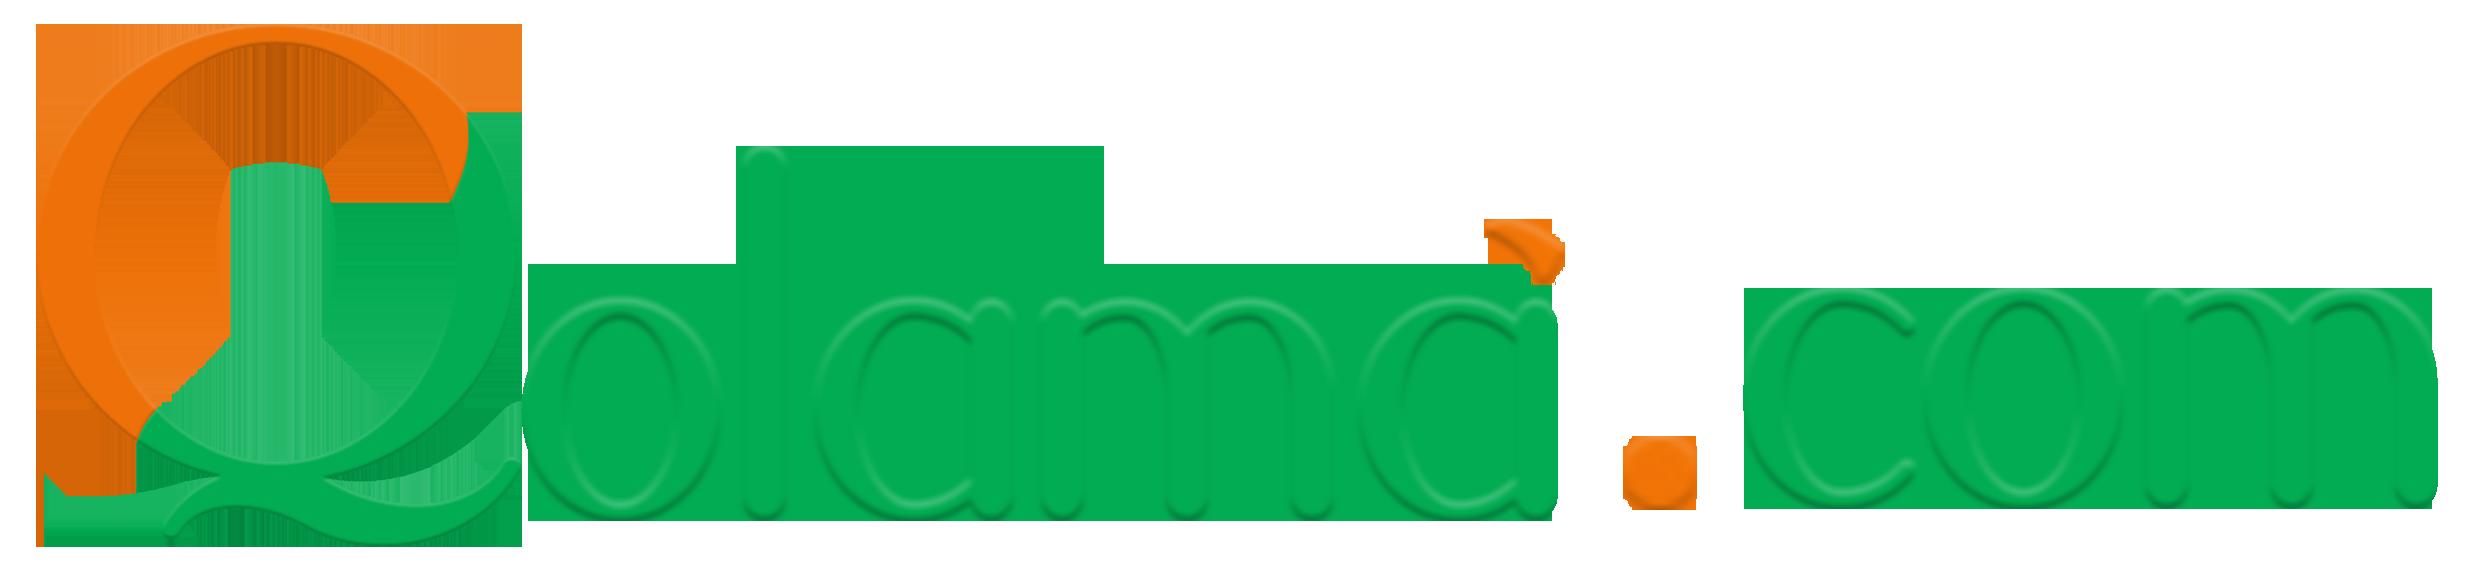 Qolama.com